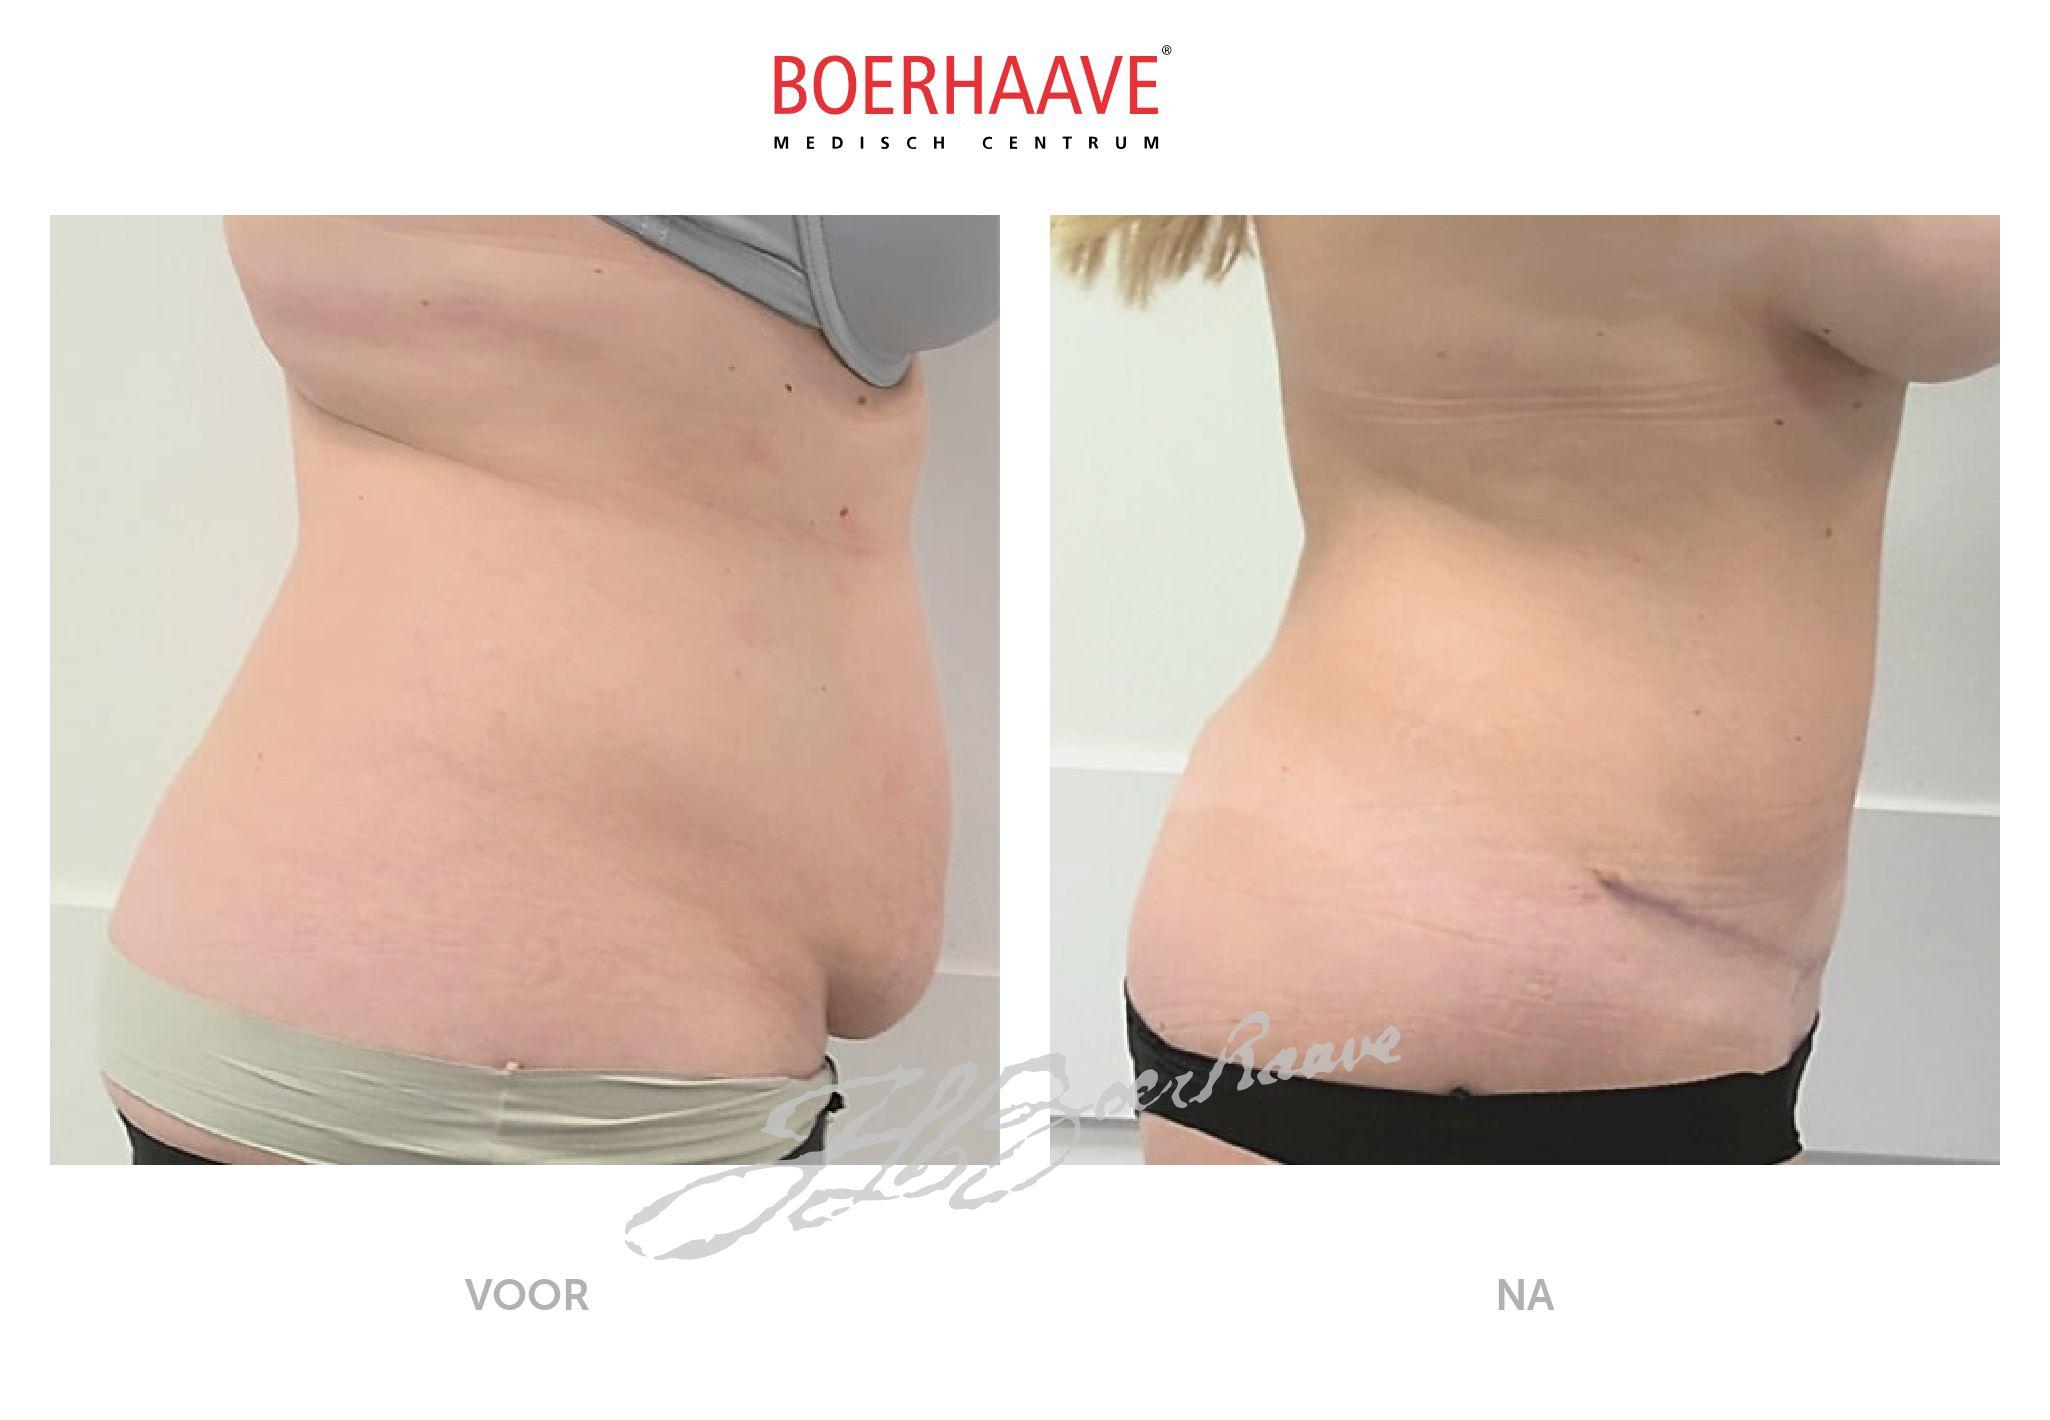 Voor na foto van buikwandcorrectie en liposuctie behandeling